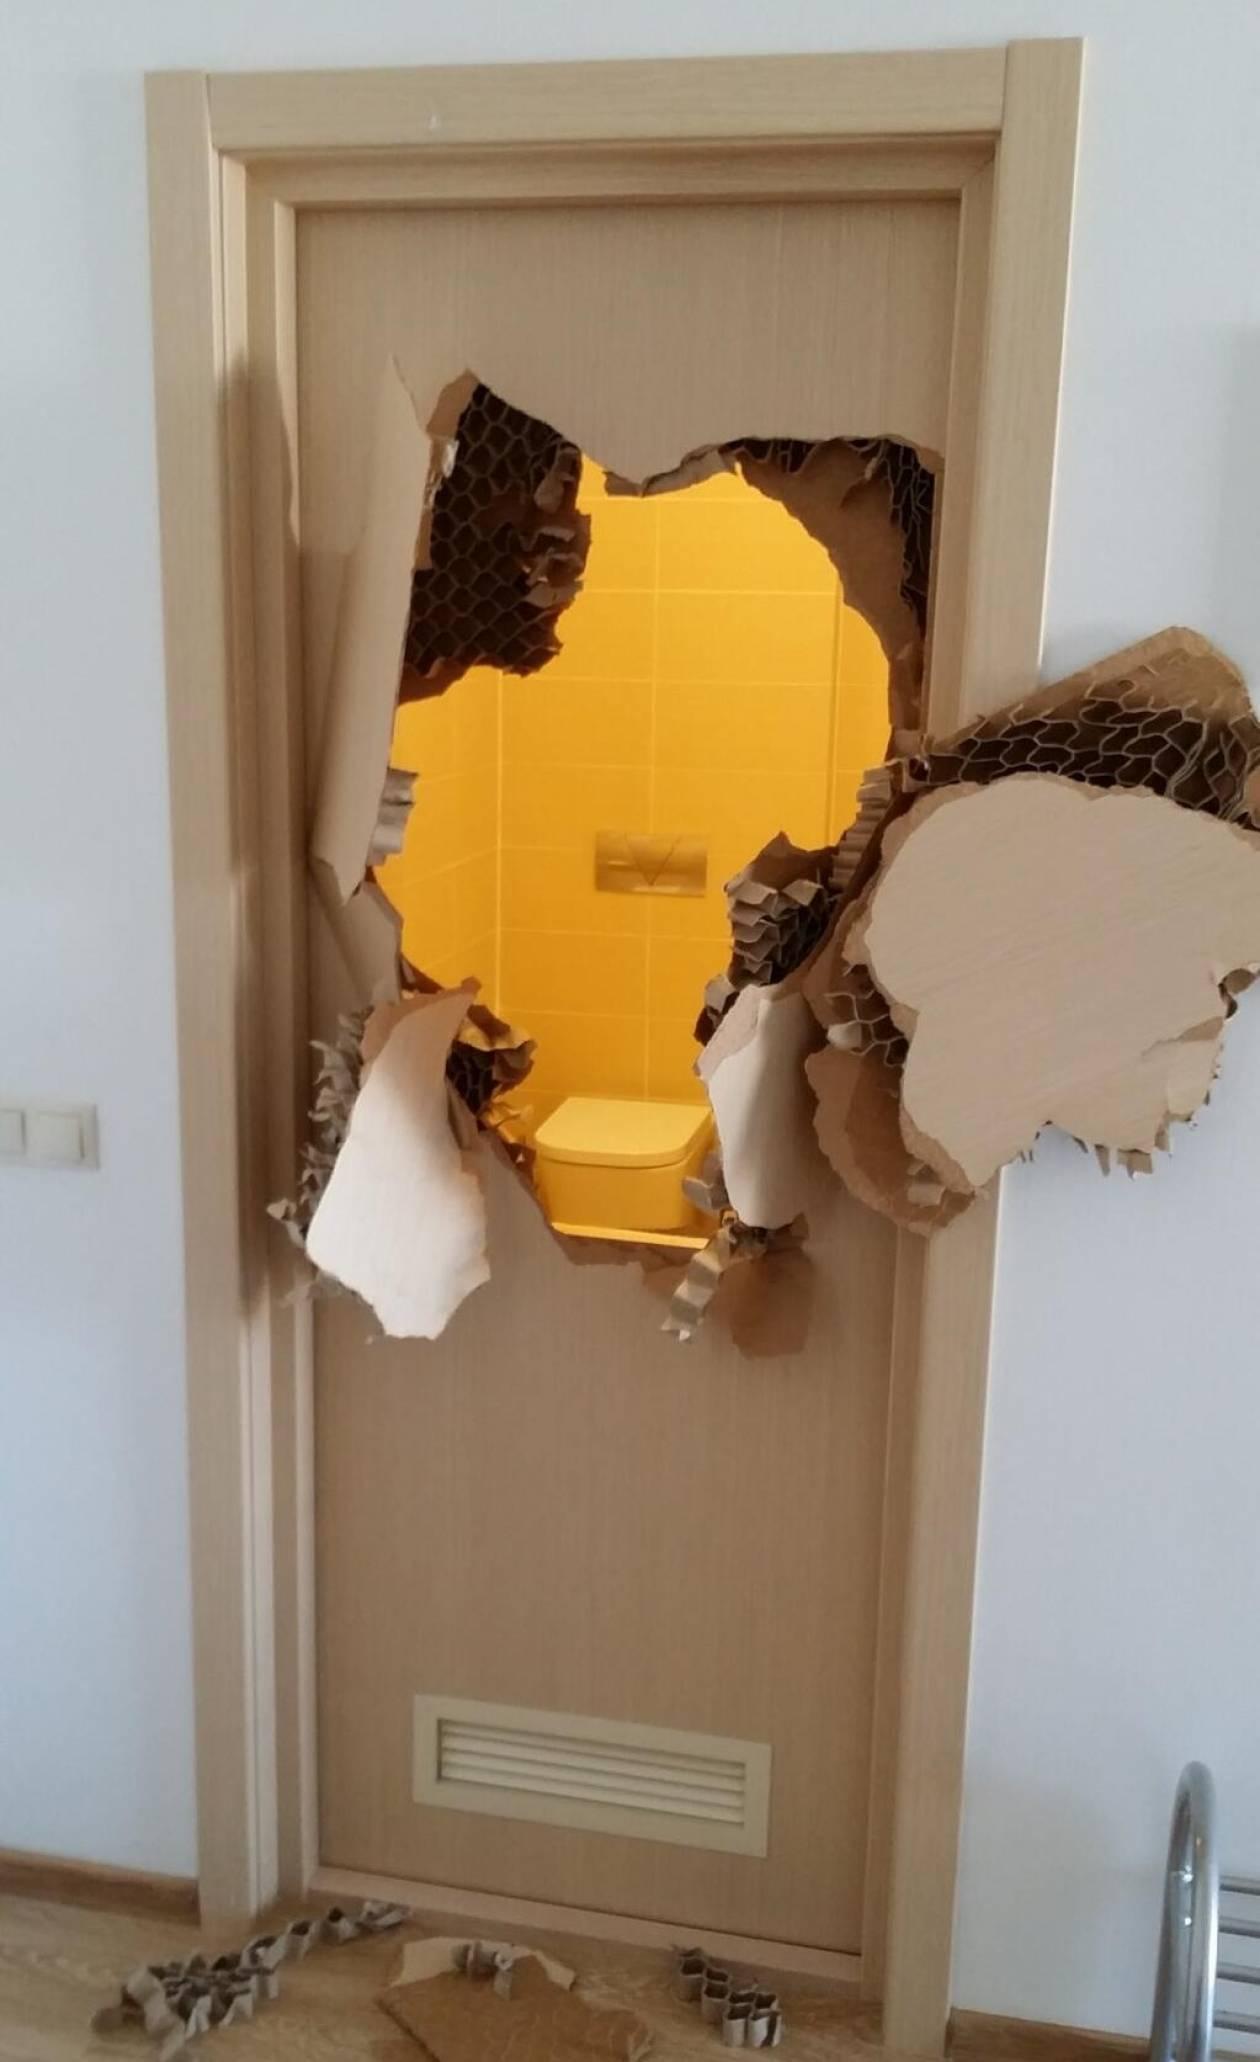 Αθλητής στο Σότσι παγιδεύτηκε στο... μπάνιο και έσπασε την πόρτα!